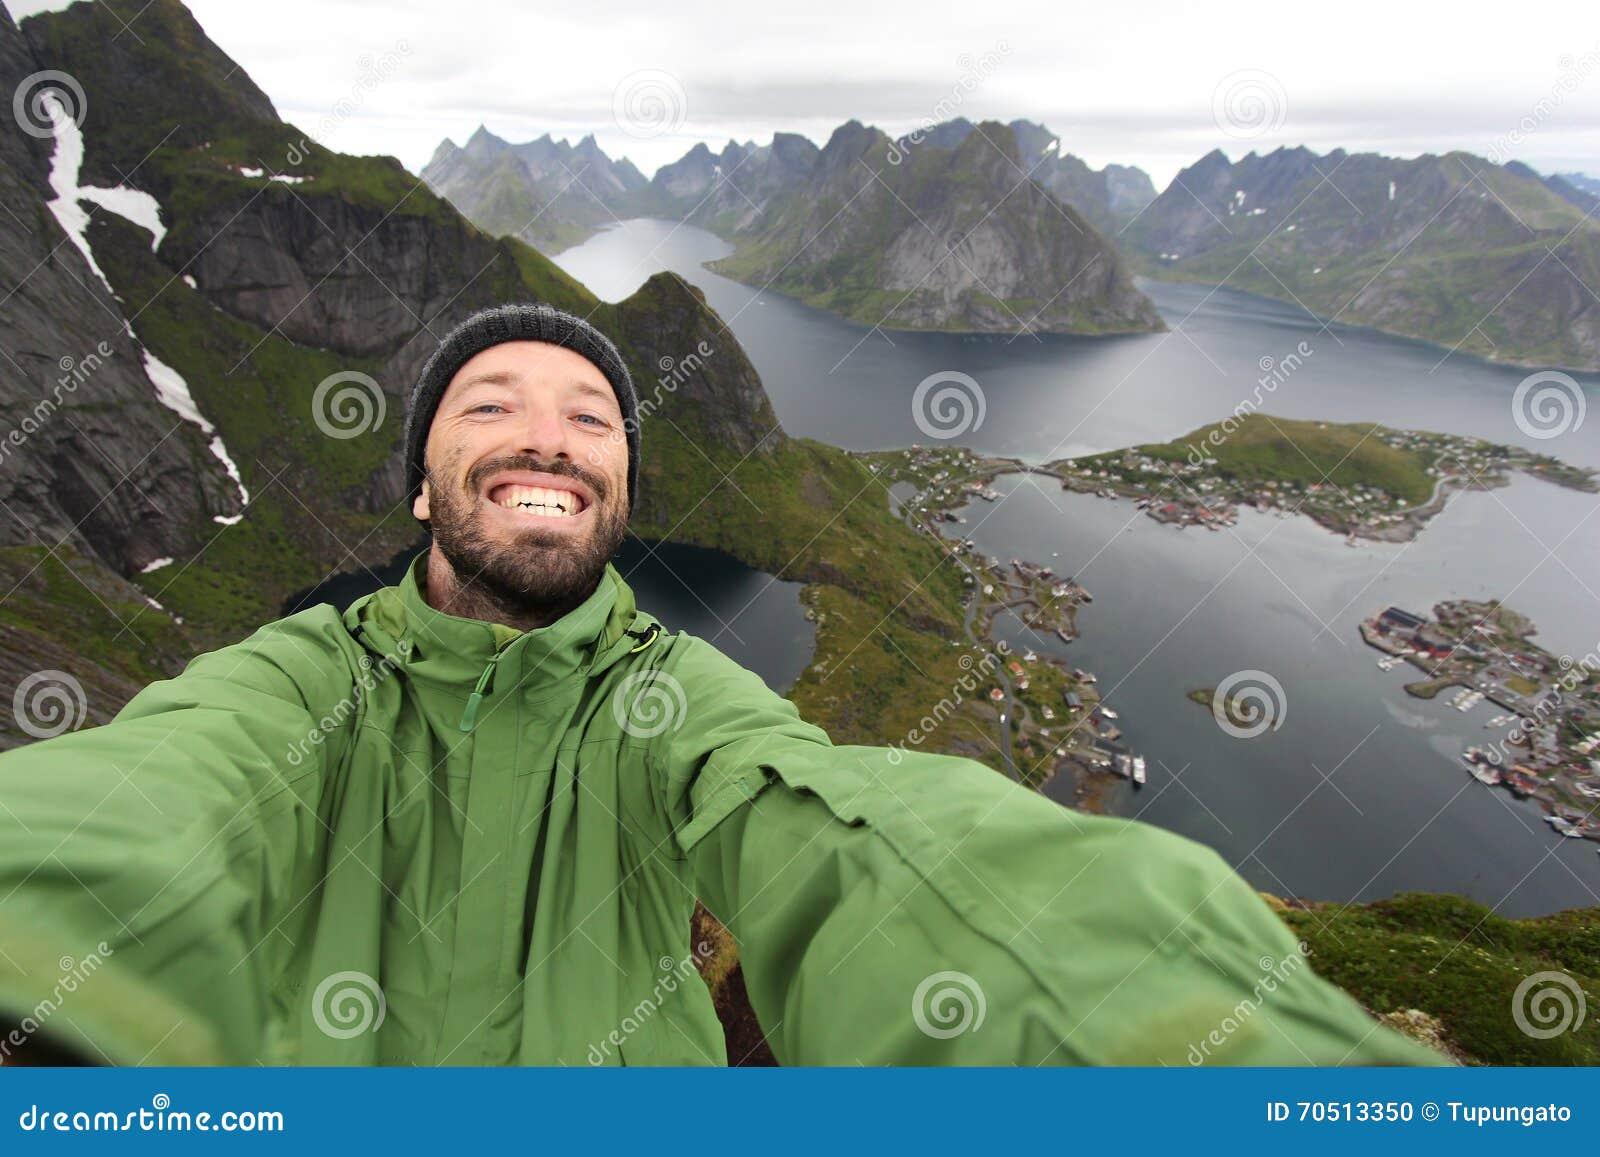 Selfie turistico in Norvegia